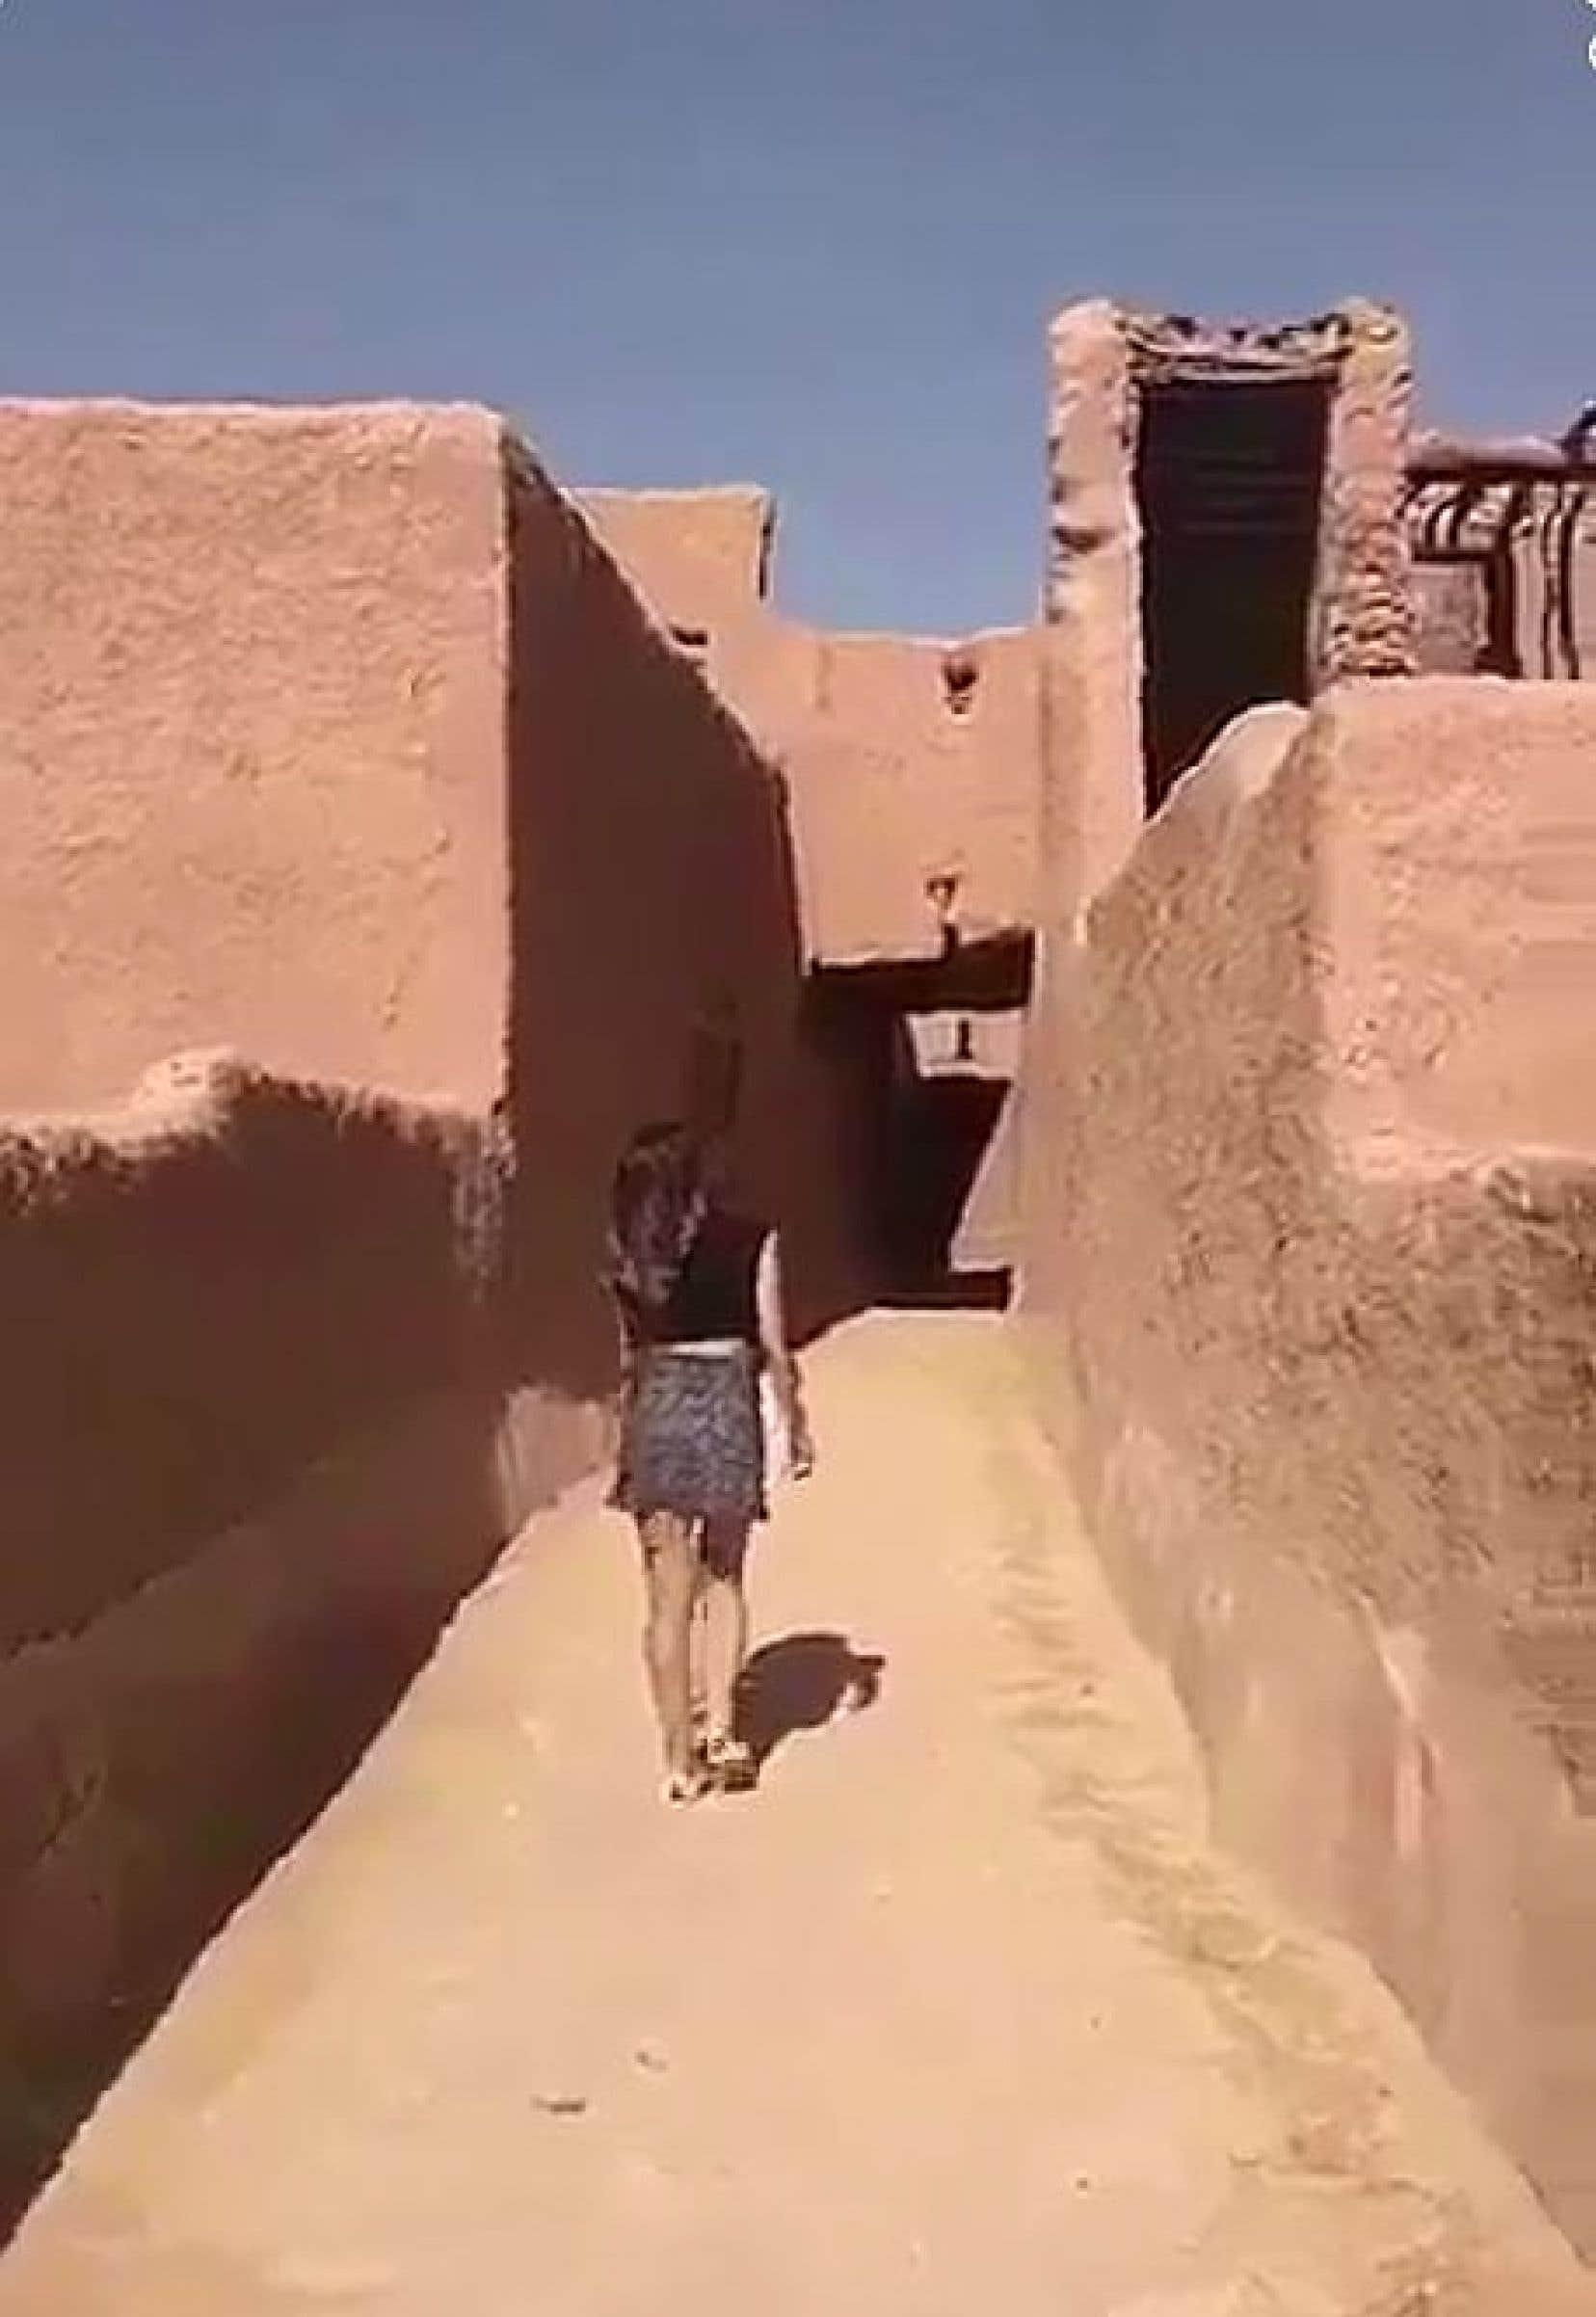 Dans la vidéo devenue virale depuis son apparition sur Snapchat au cours du week-end, on peut voir la femme qui marche dans un fort historique alors qu'il n'y a personne autour d'elle.